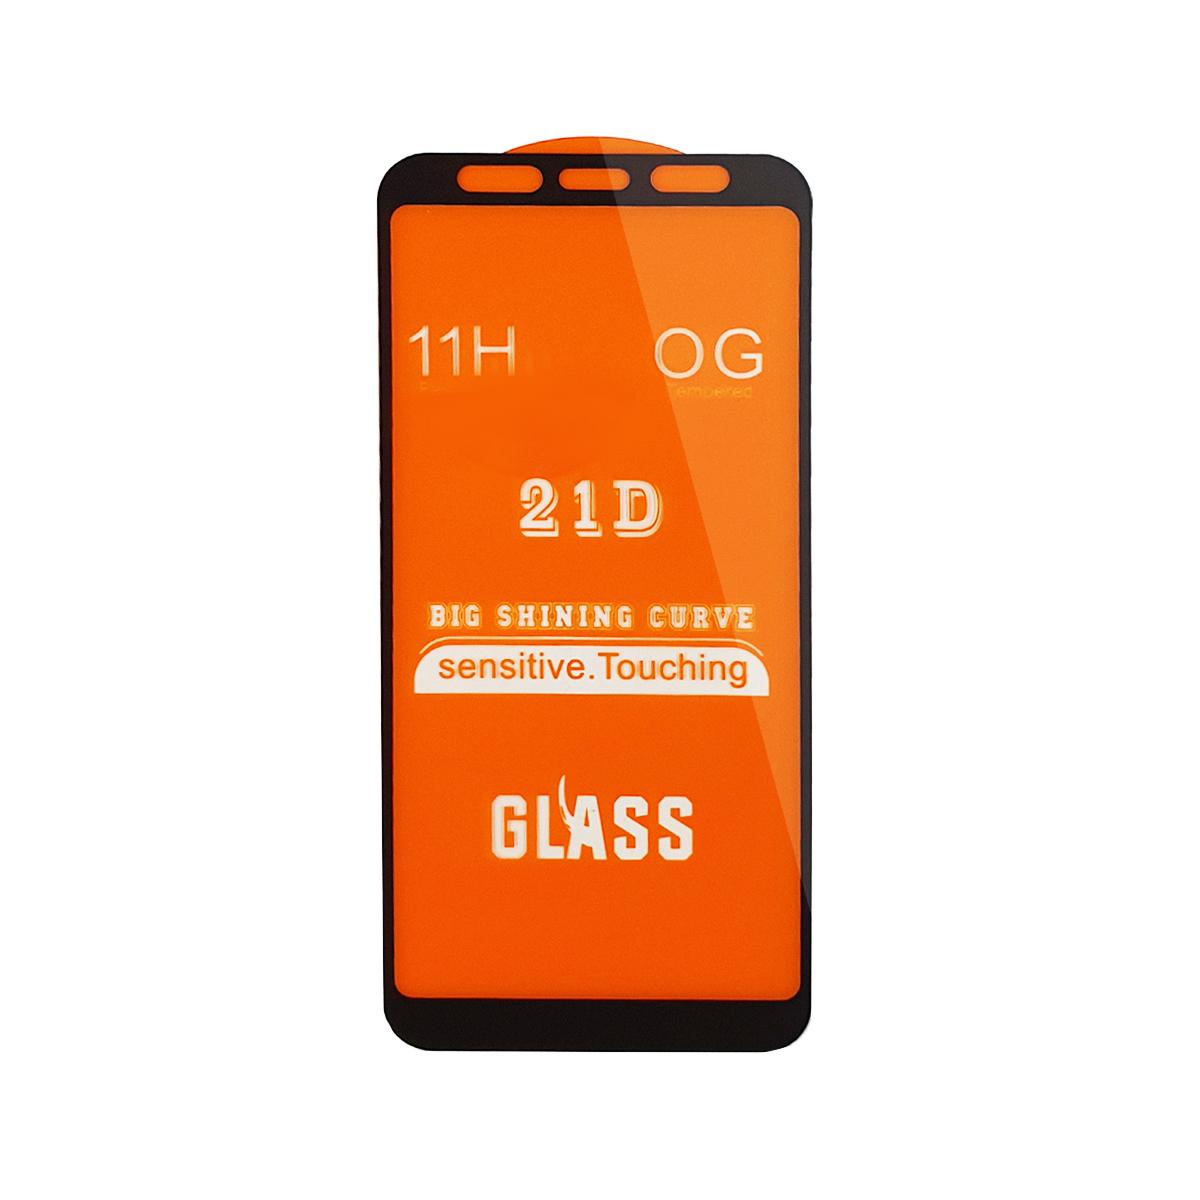 محافظ صفحه نمایش مدل F21me مناسب برای گوشی موبایل سامسونگ Galaxy A7 2018/ A750